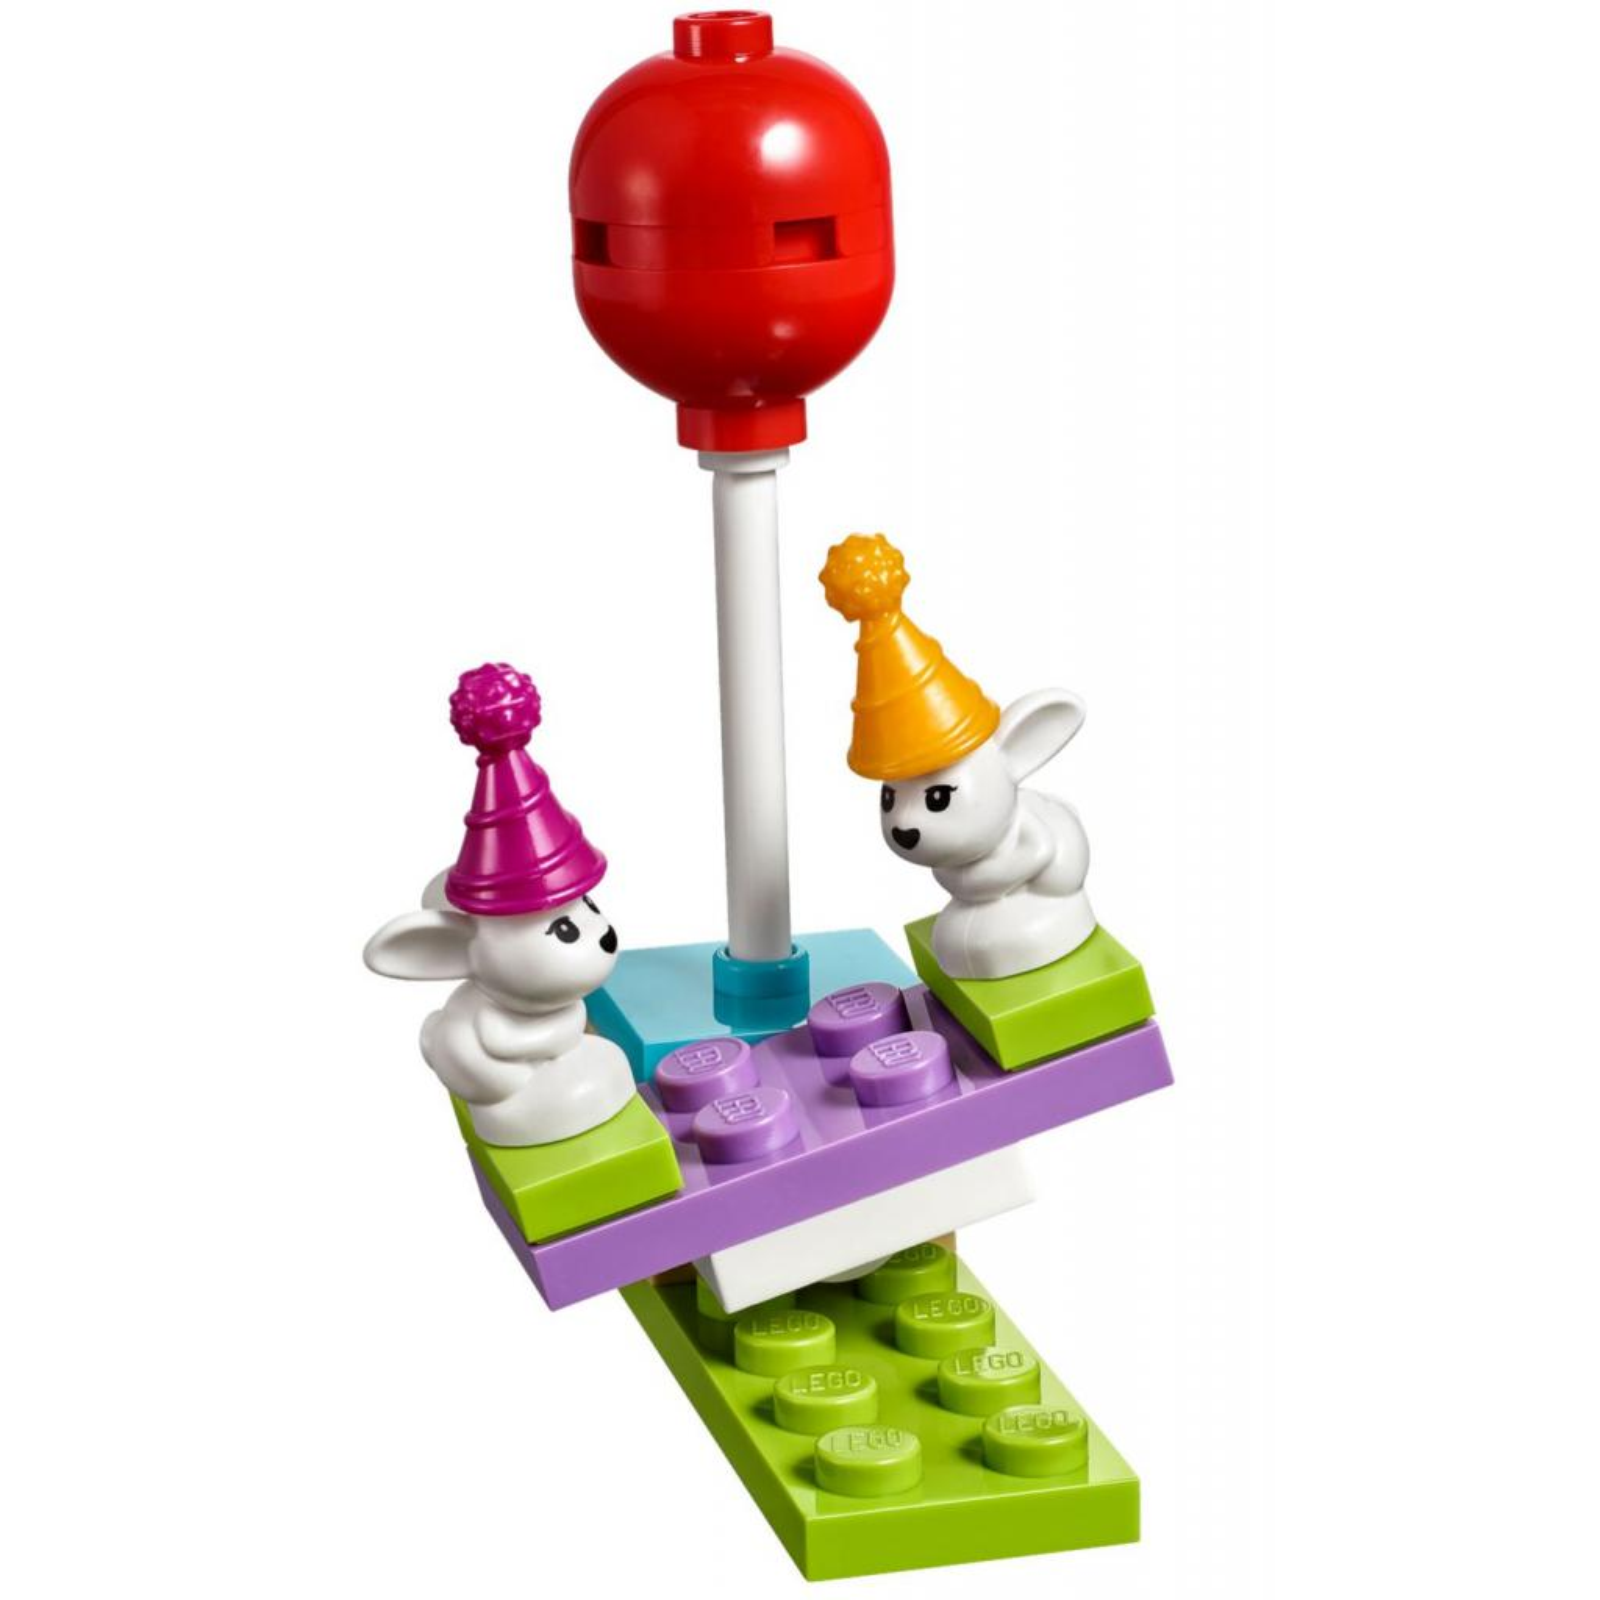 Конструктор LEGO Friends День рождения: магазин подарков (41113) изображение 5